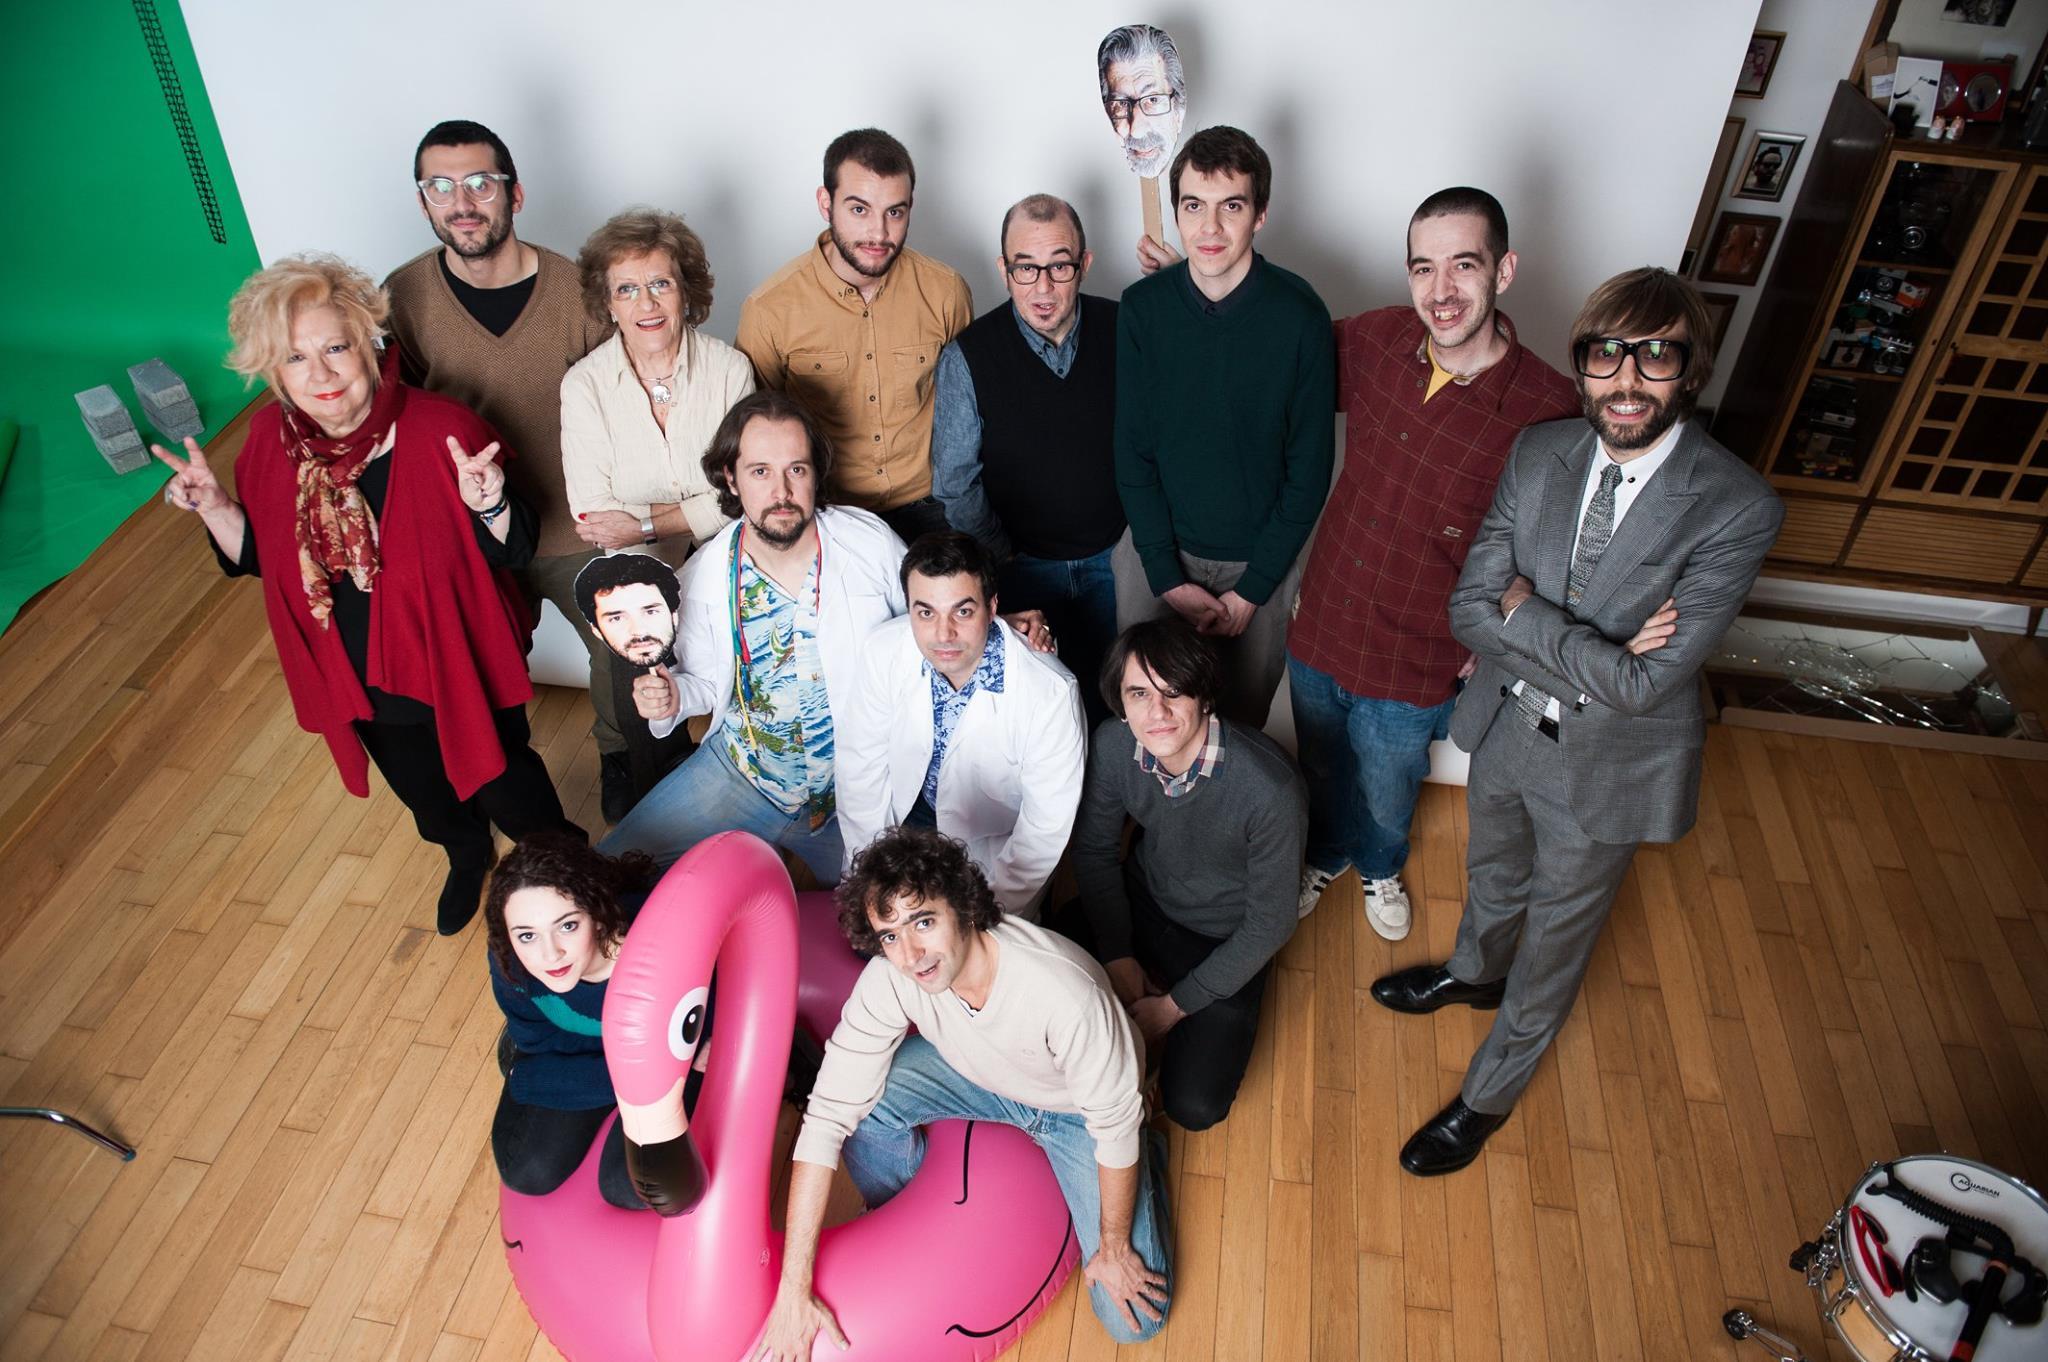 L'equip artístic de La pols i l'era